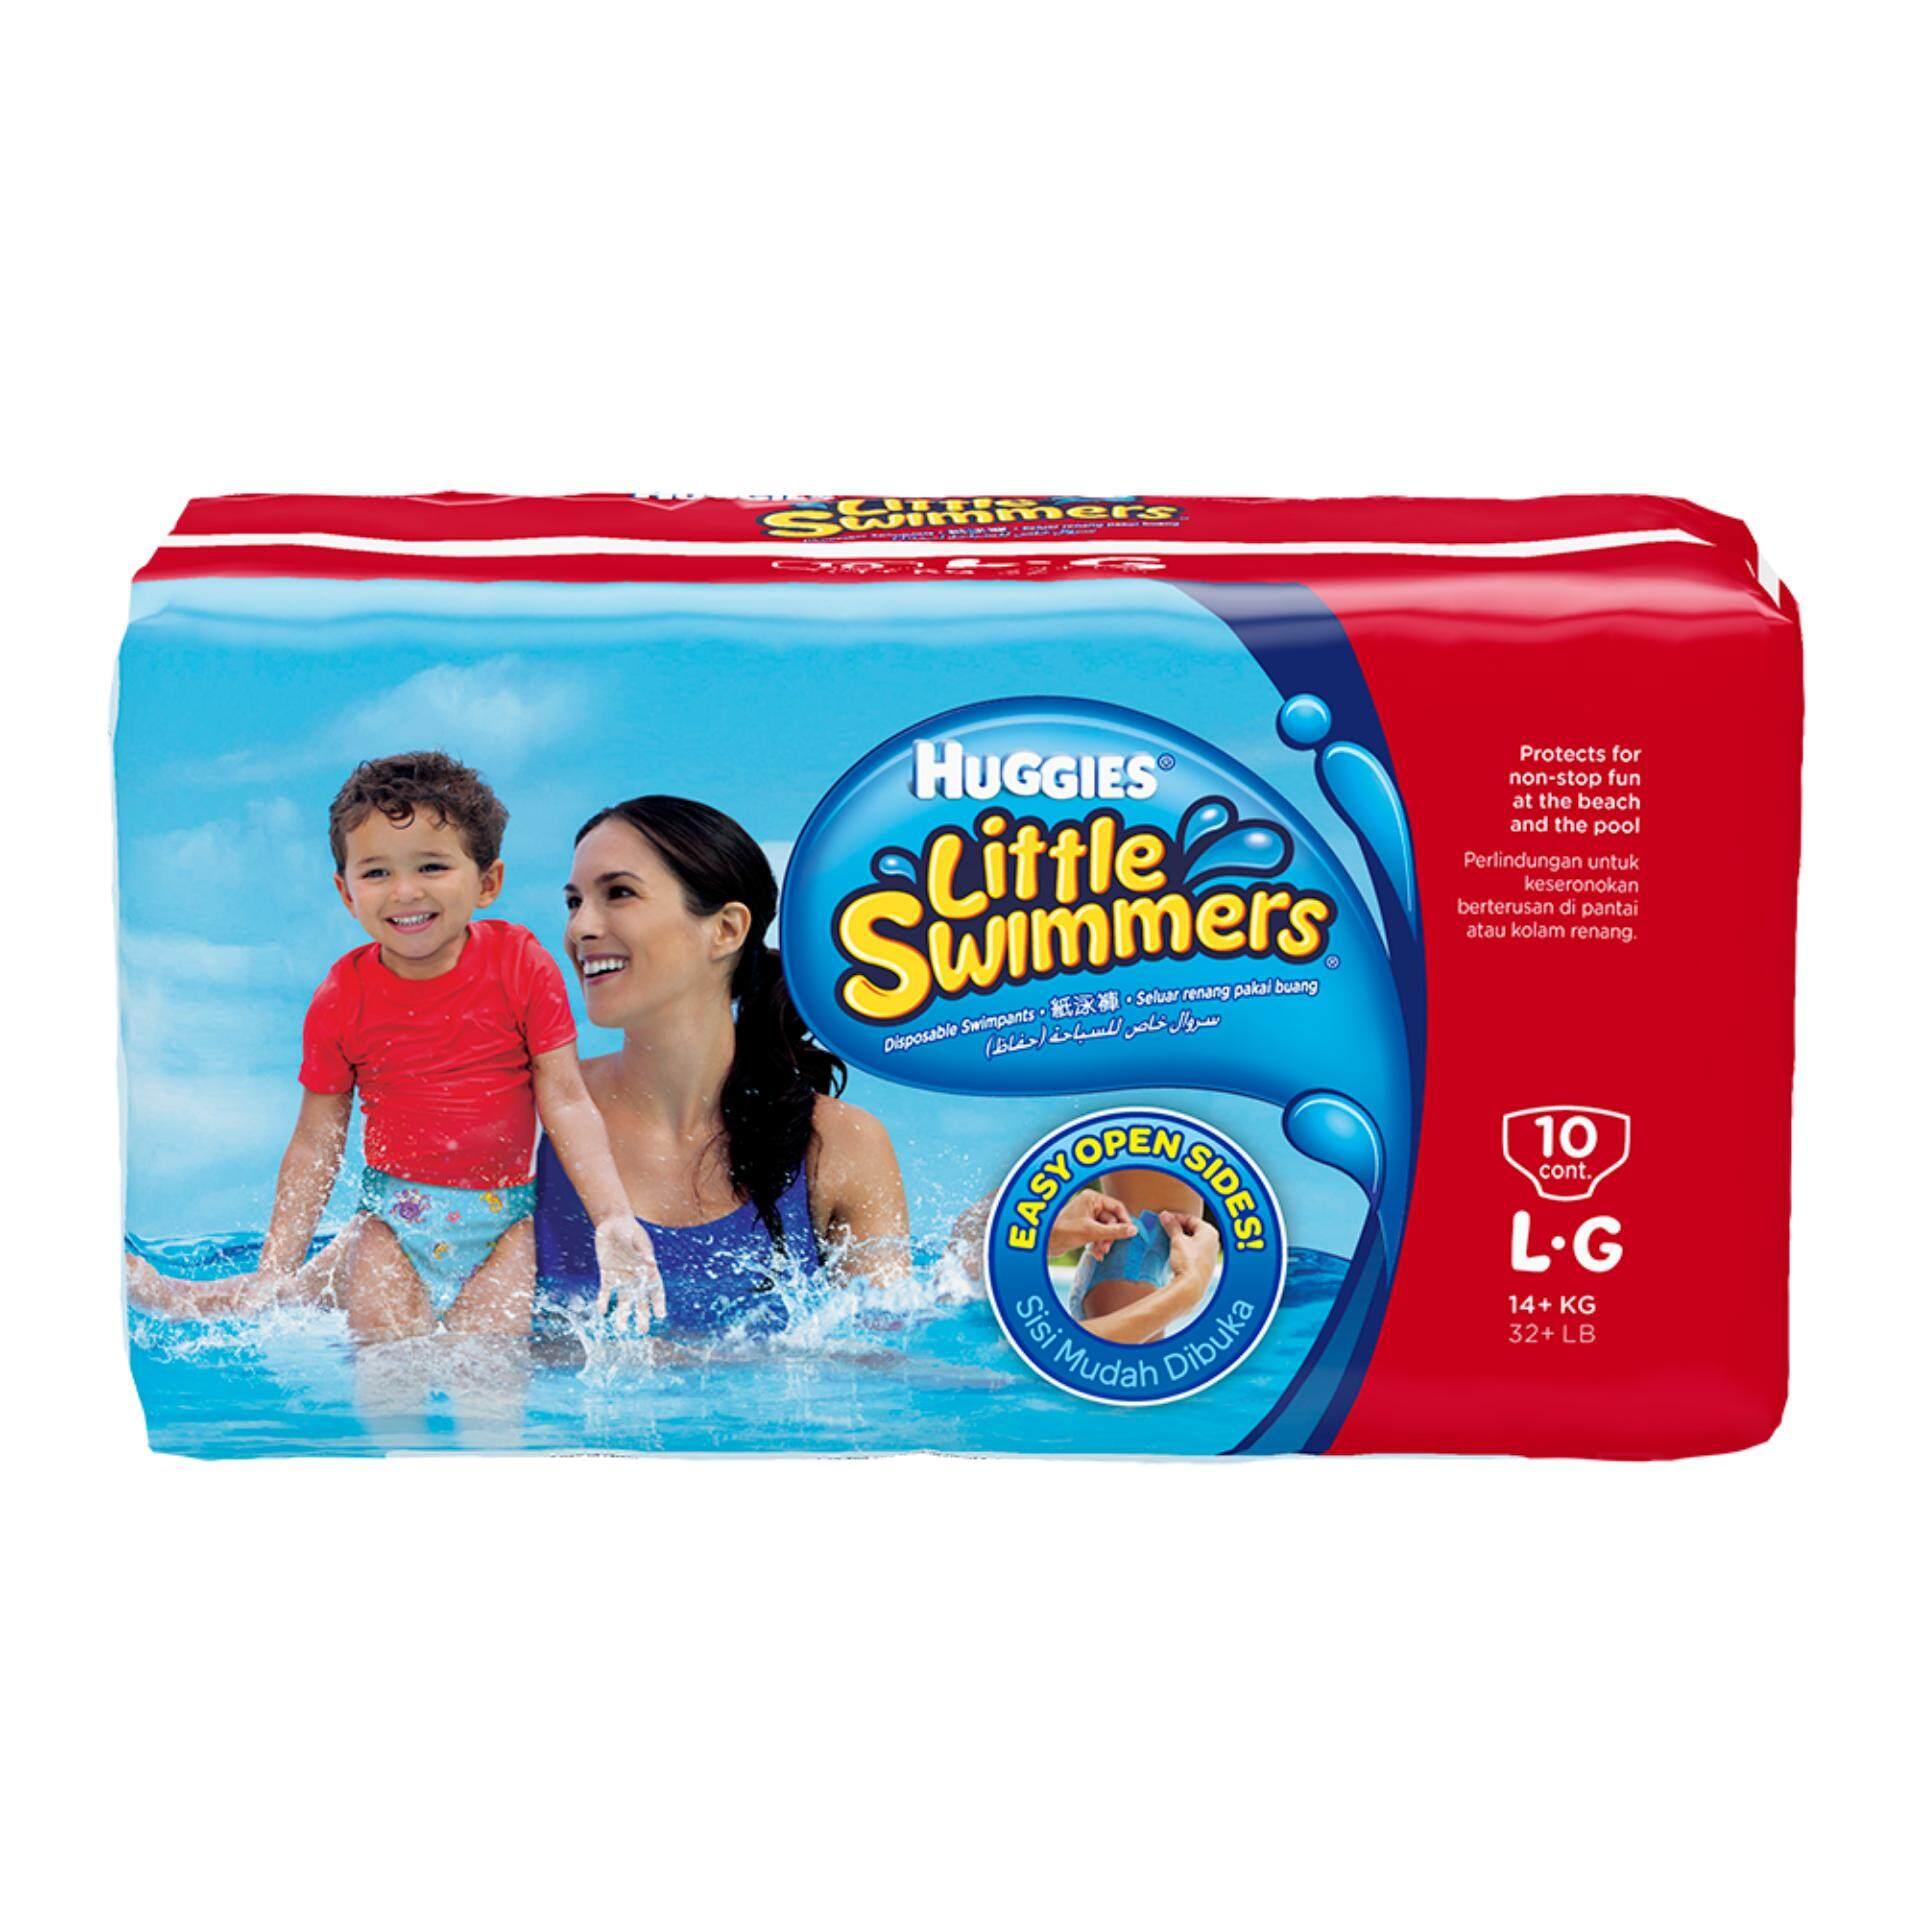 โปรโมชั่น Huggies กางเกงผ้าอ้อมว่ายน้ำ Little Swimmers Size L